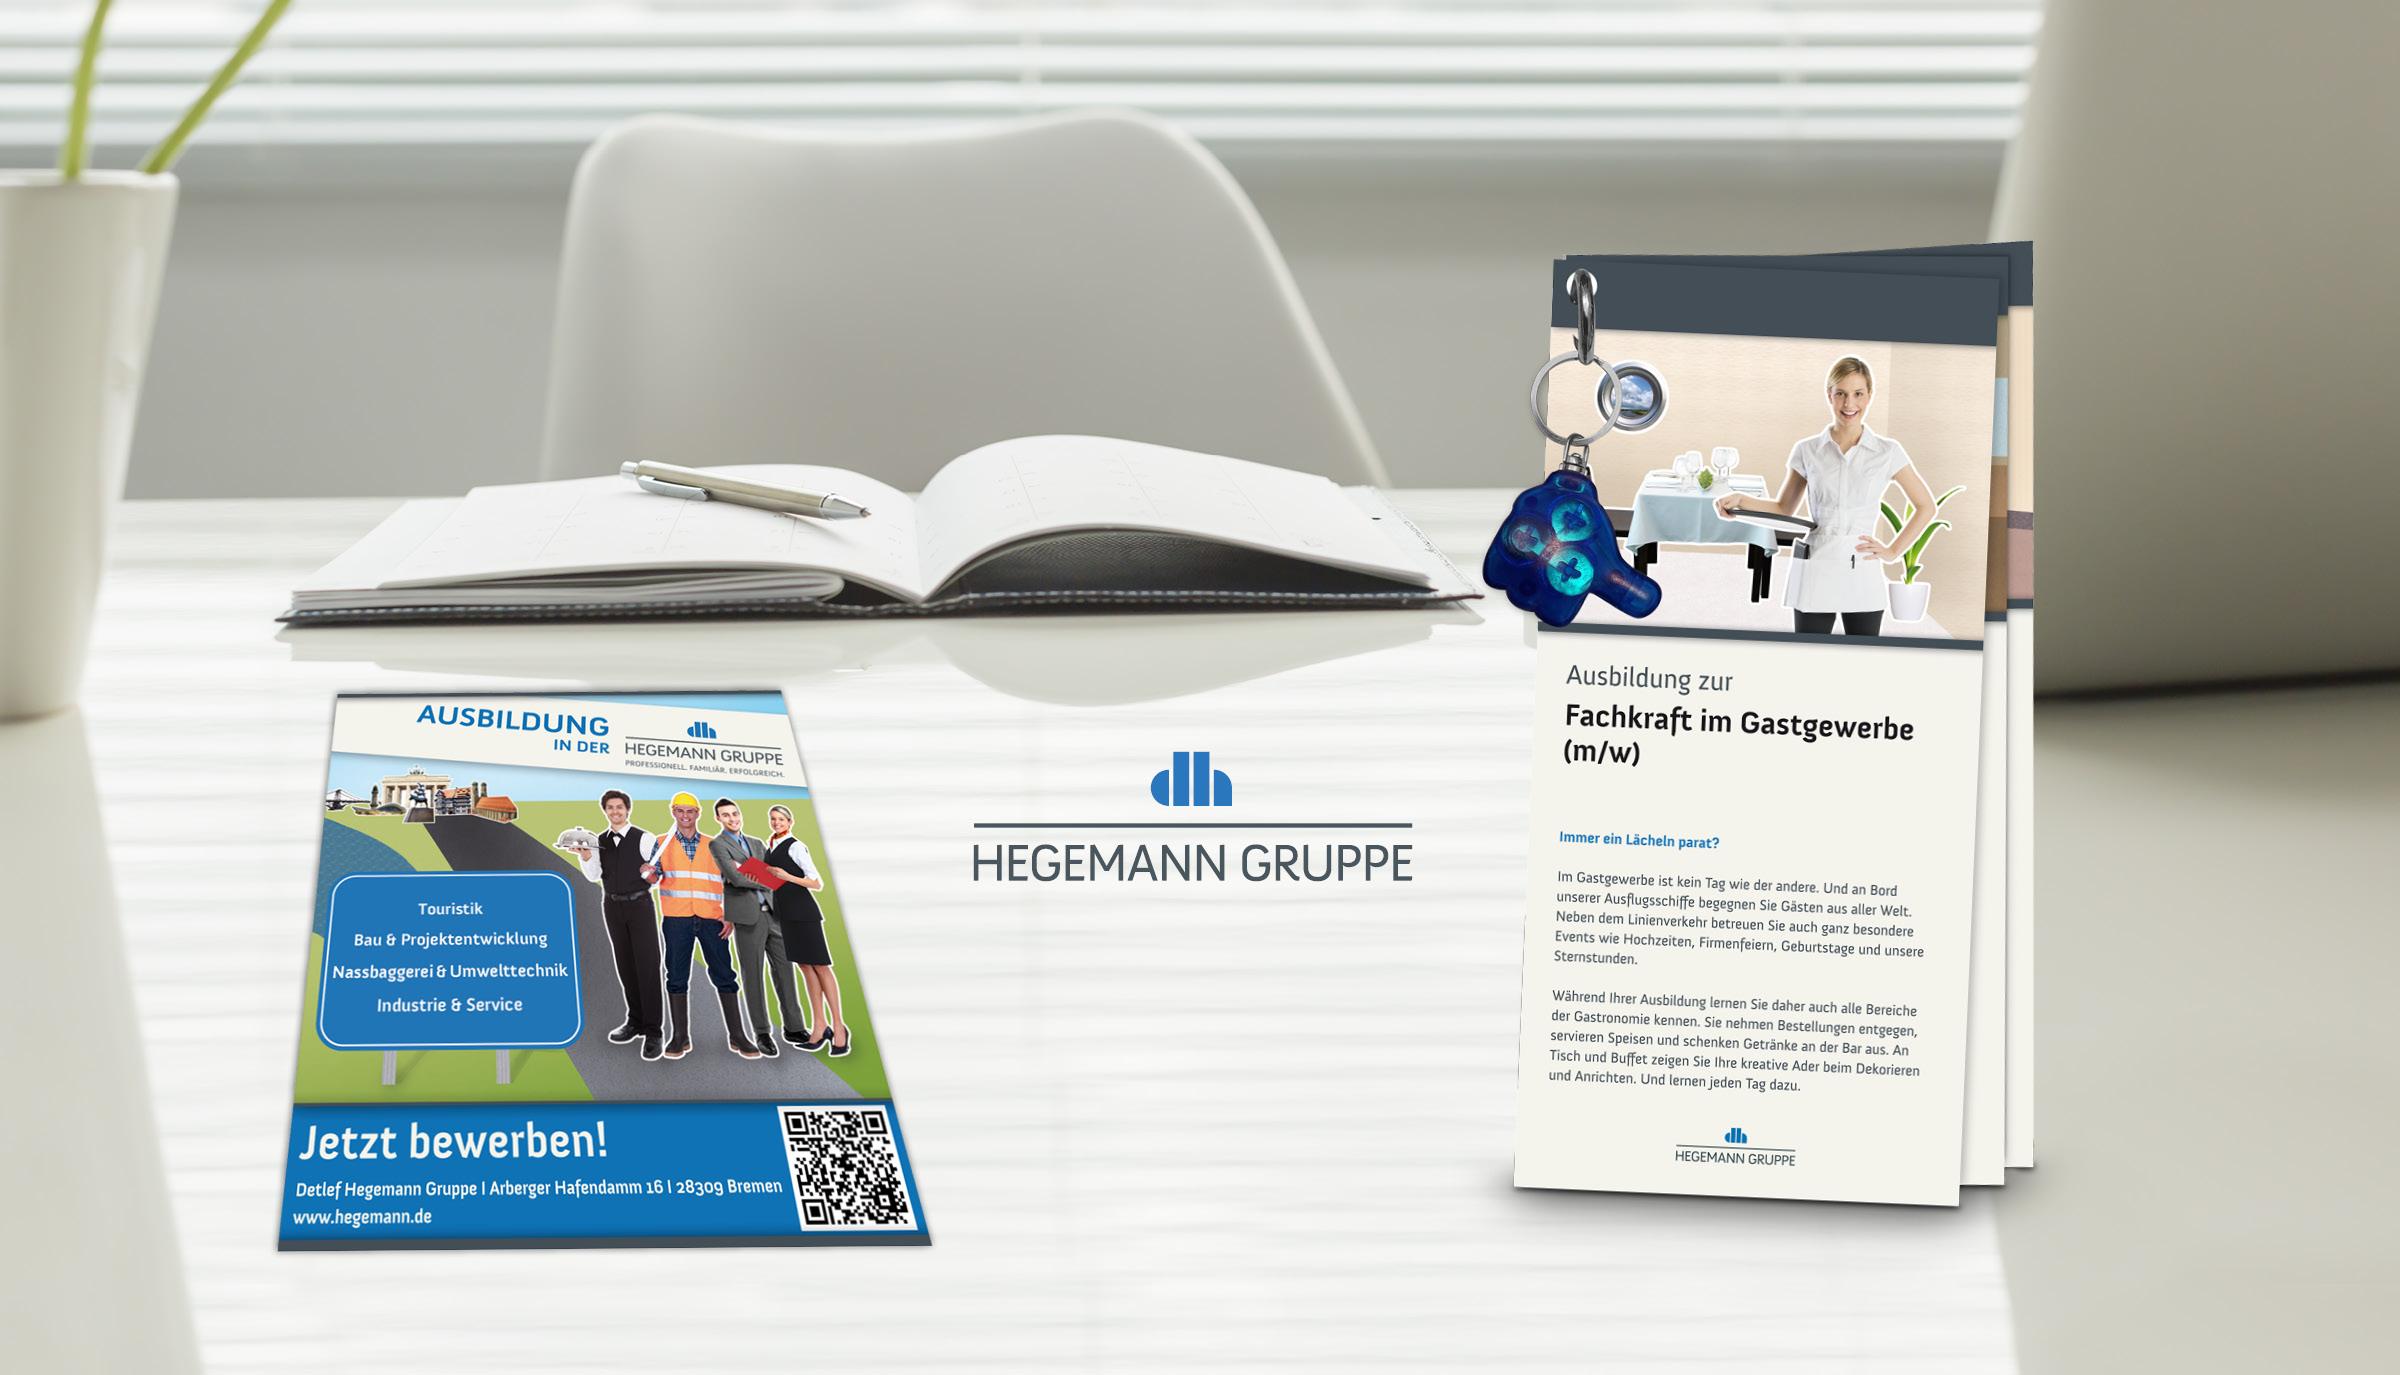 HEGEMANN_GRUPPE